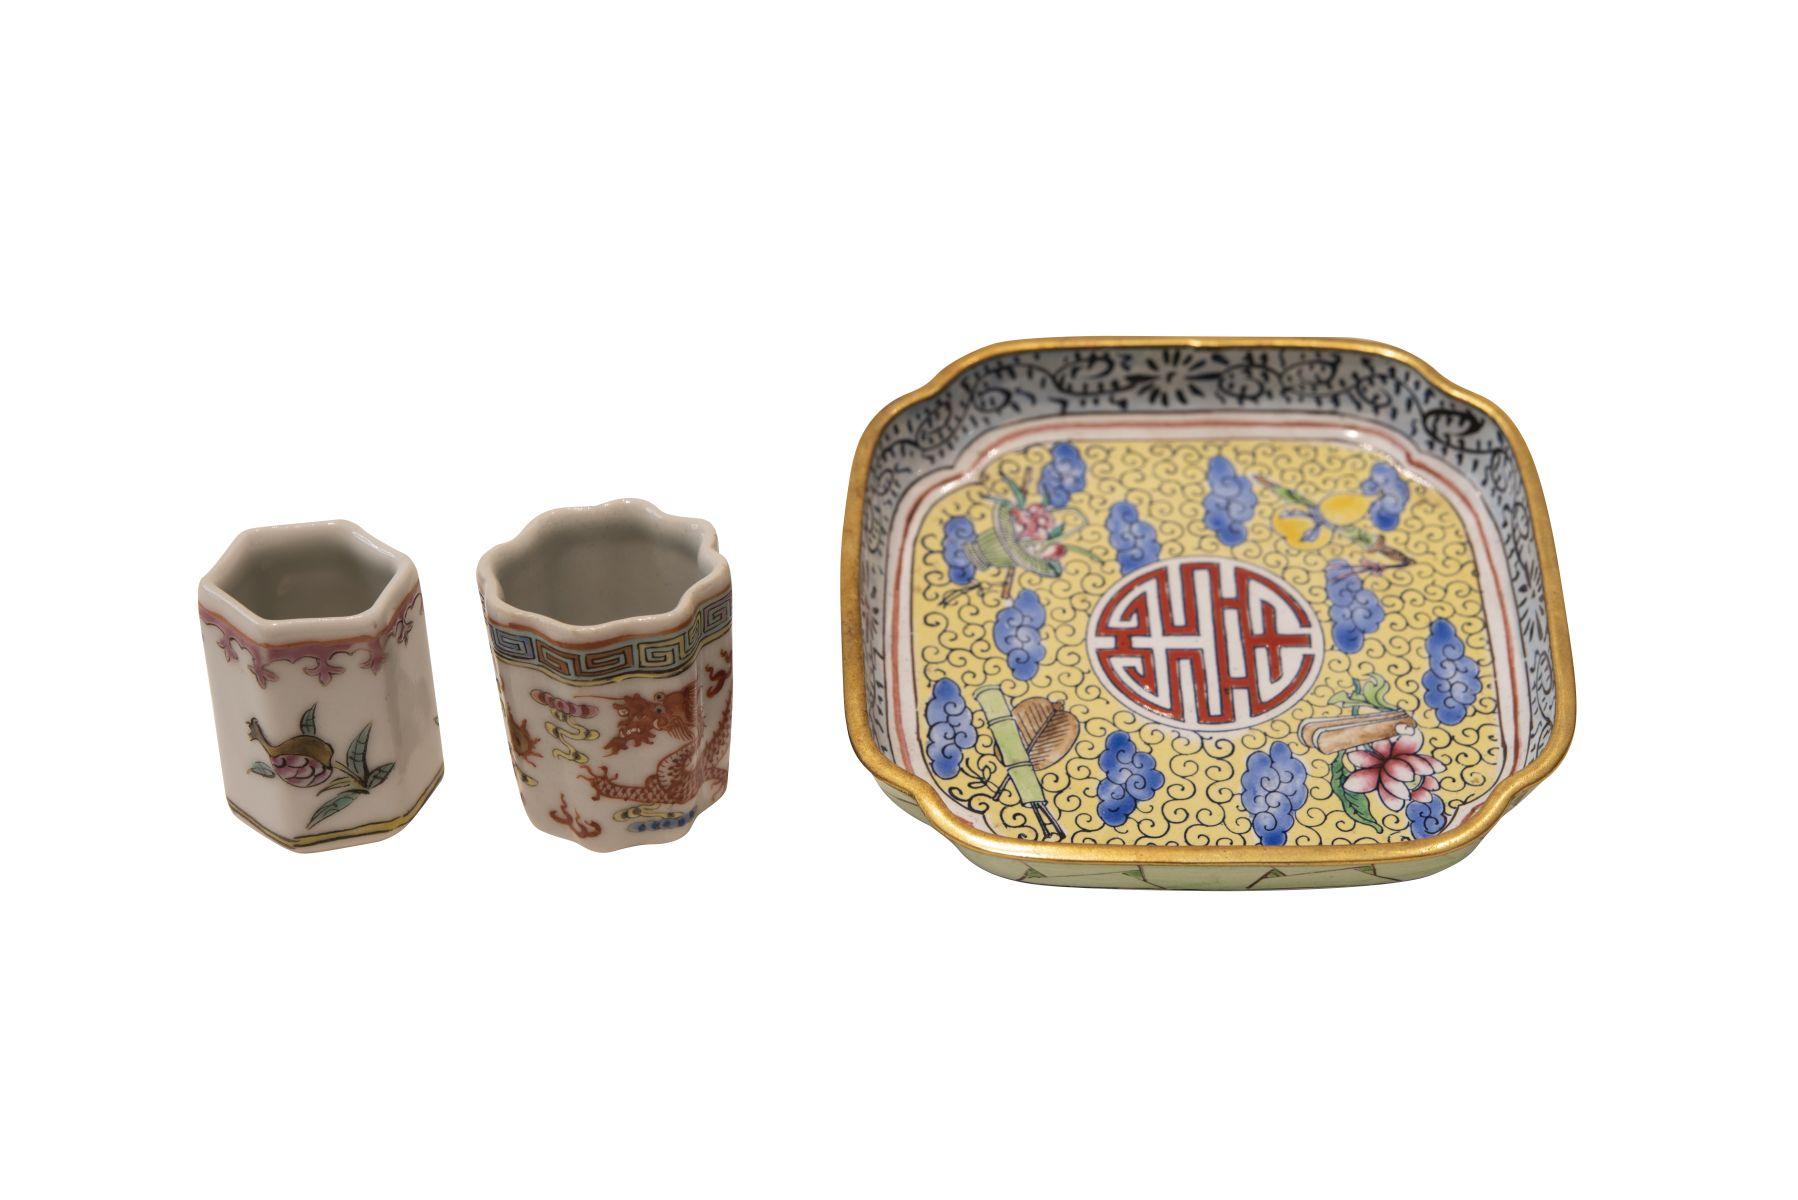 #198 1 cloisonné bowl and 2 small porcelain vessels | 1 Cloisonné Schale und 2 kleine Porzellangefäße Image